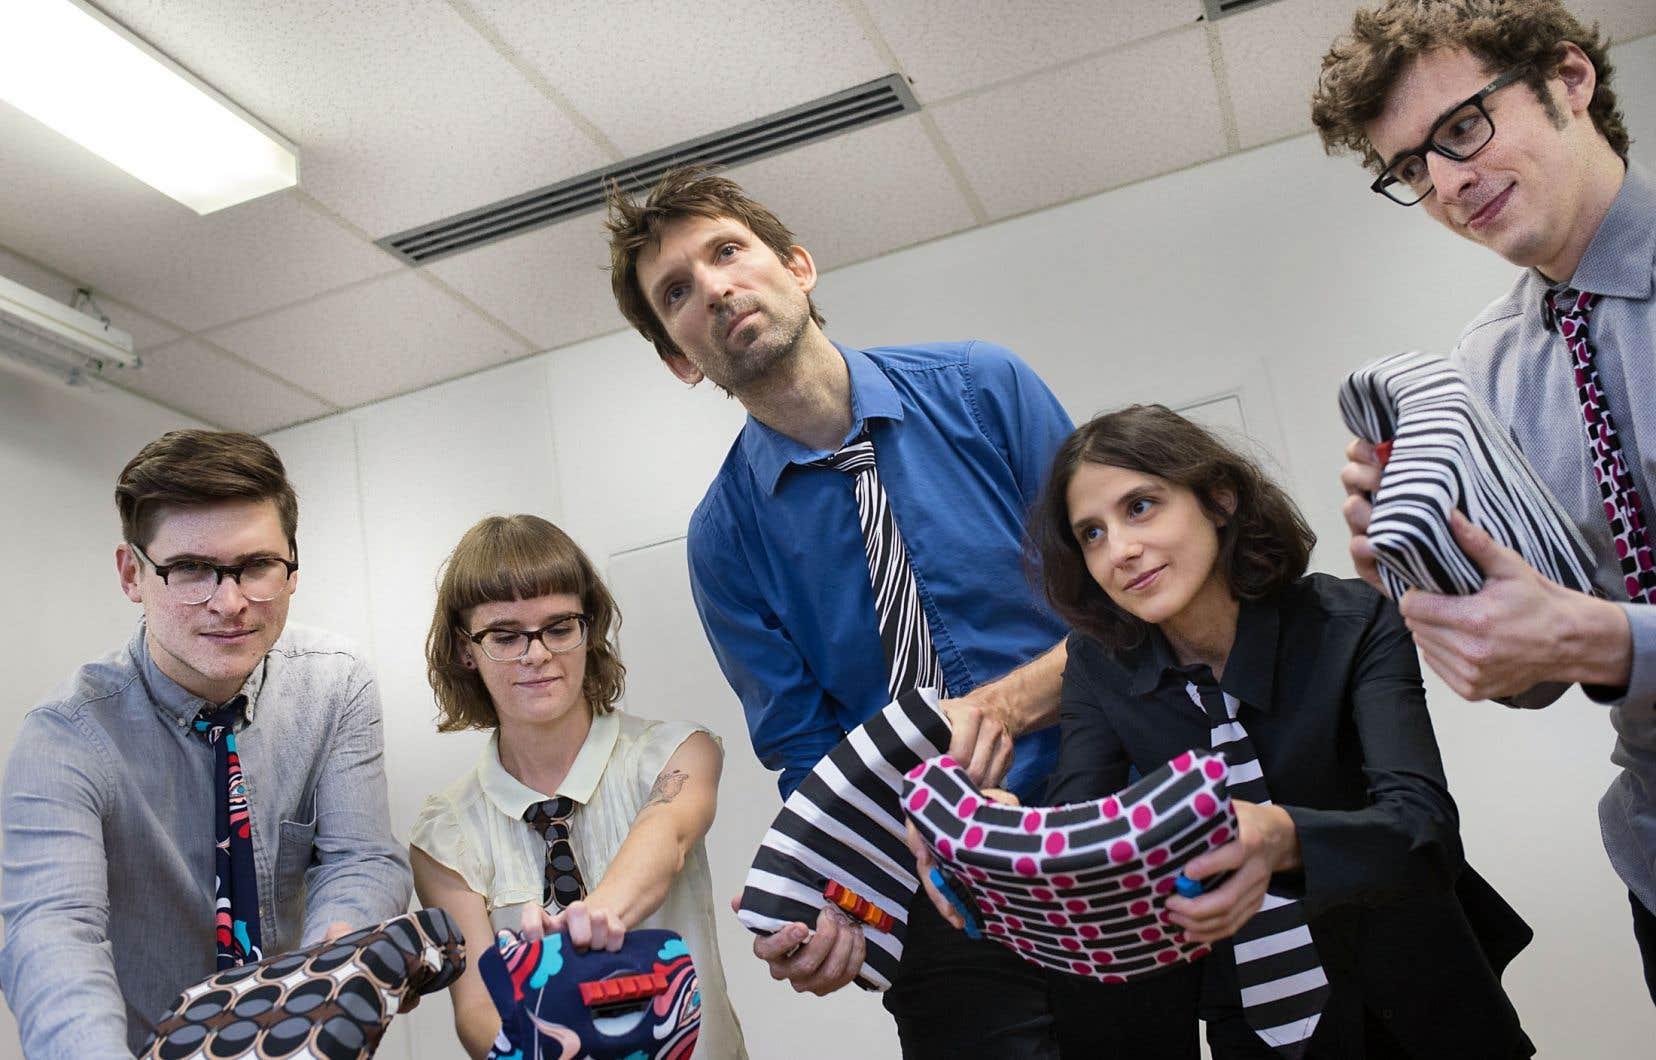 Sur scène, cinq instrumentistes joueront de l'éponge, un instrument électronique d'invention québécoise.